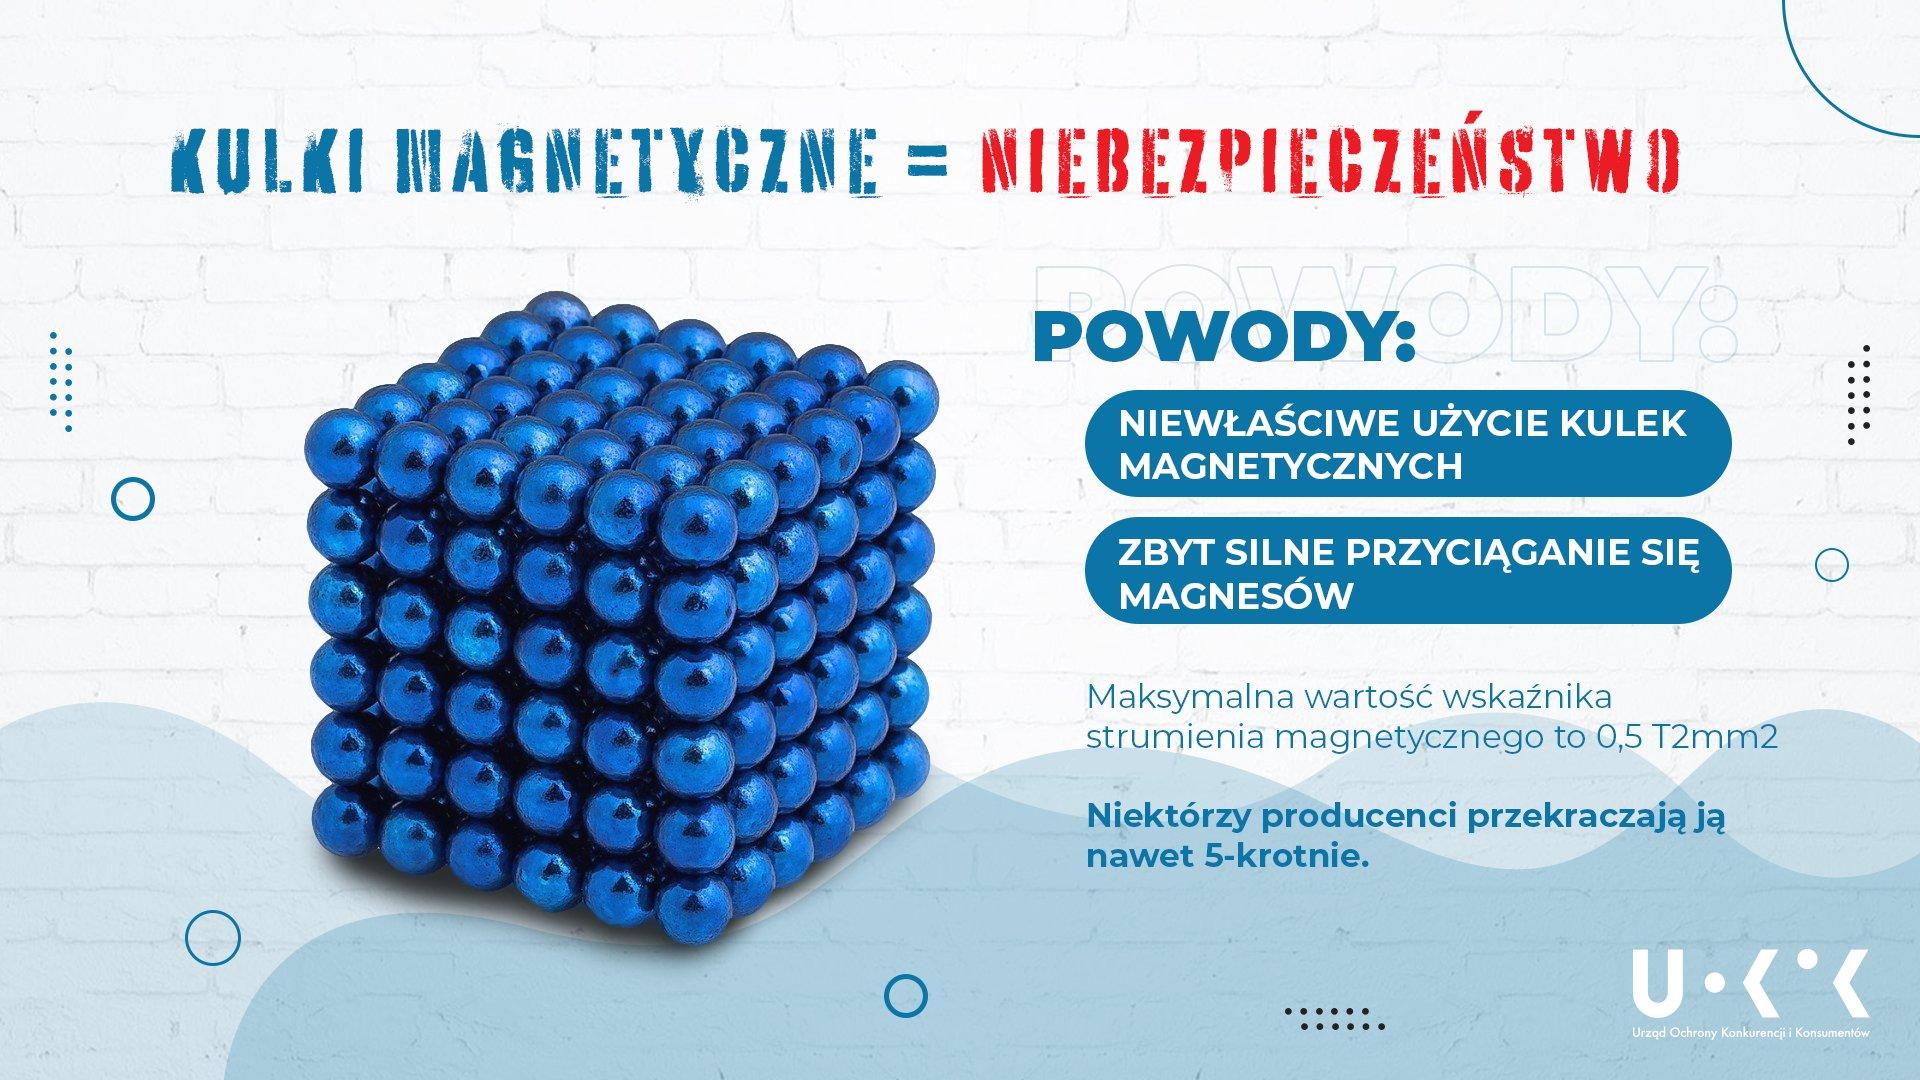 Grafika ilustrująca powody, dla ktorych zabawka kulki magnetyczne stanowi niebezpieczeństwo.